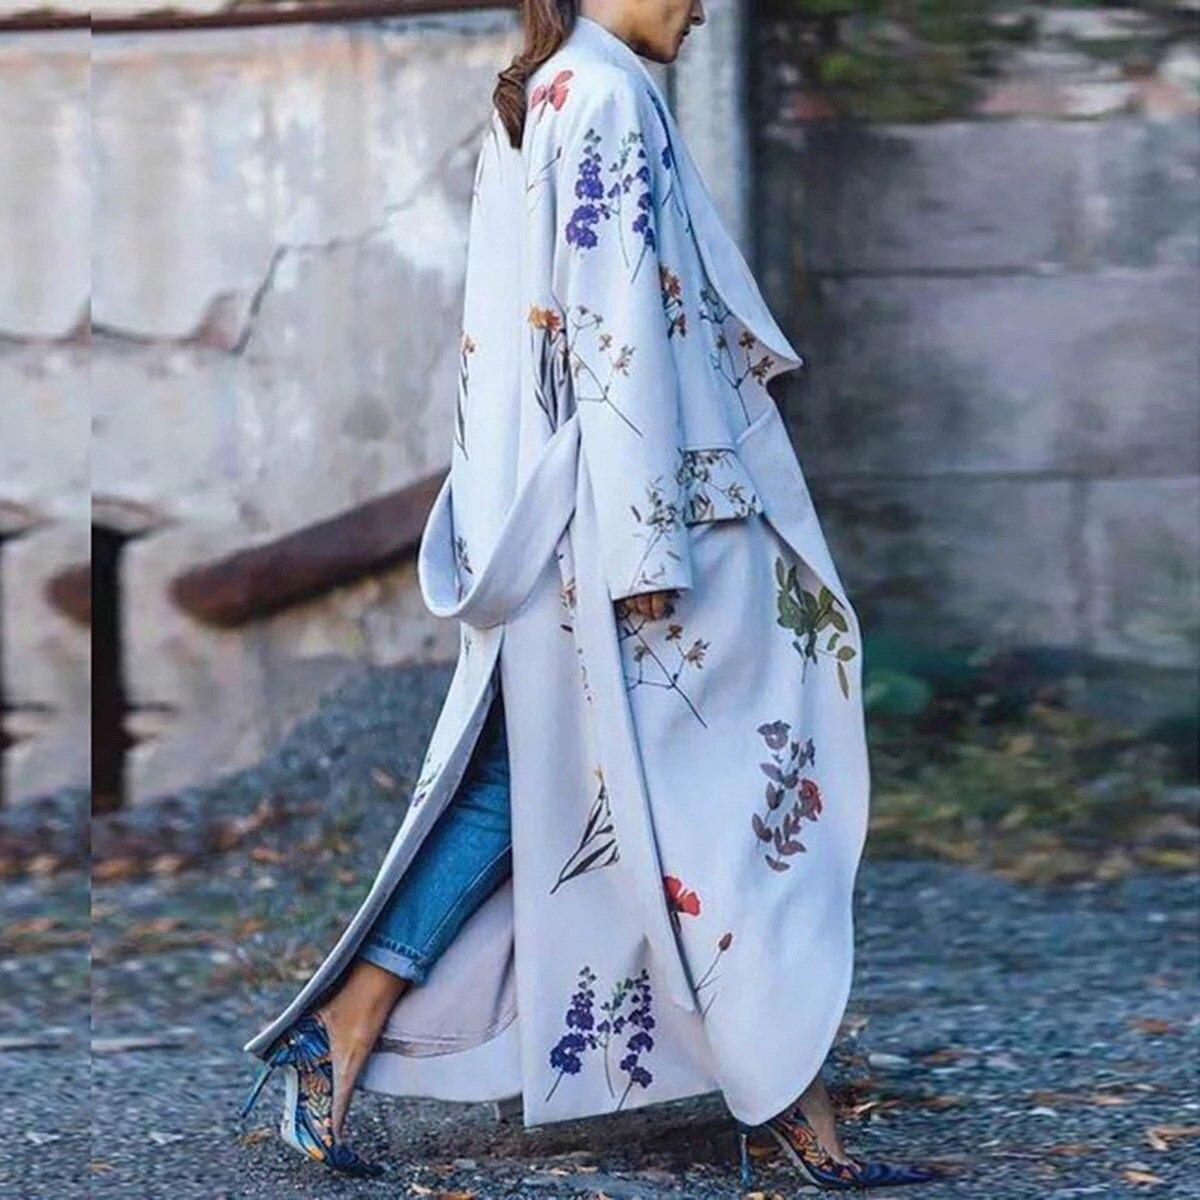 Autumn Casual   Trench   Coat Women Pattern Long Coat Outwear Turn-Down Collar Long Sleeve Print Fashion Coat